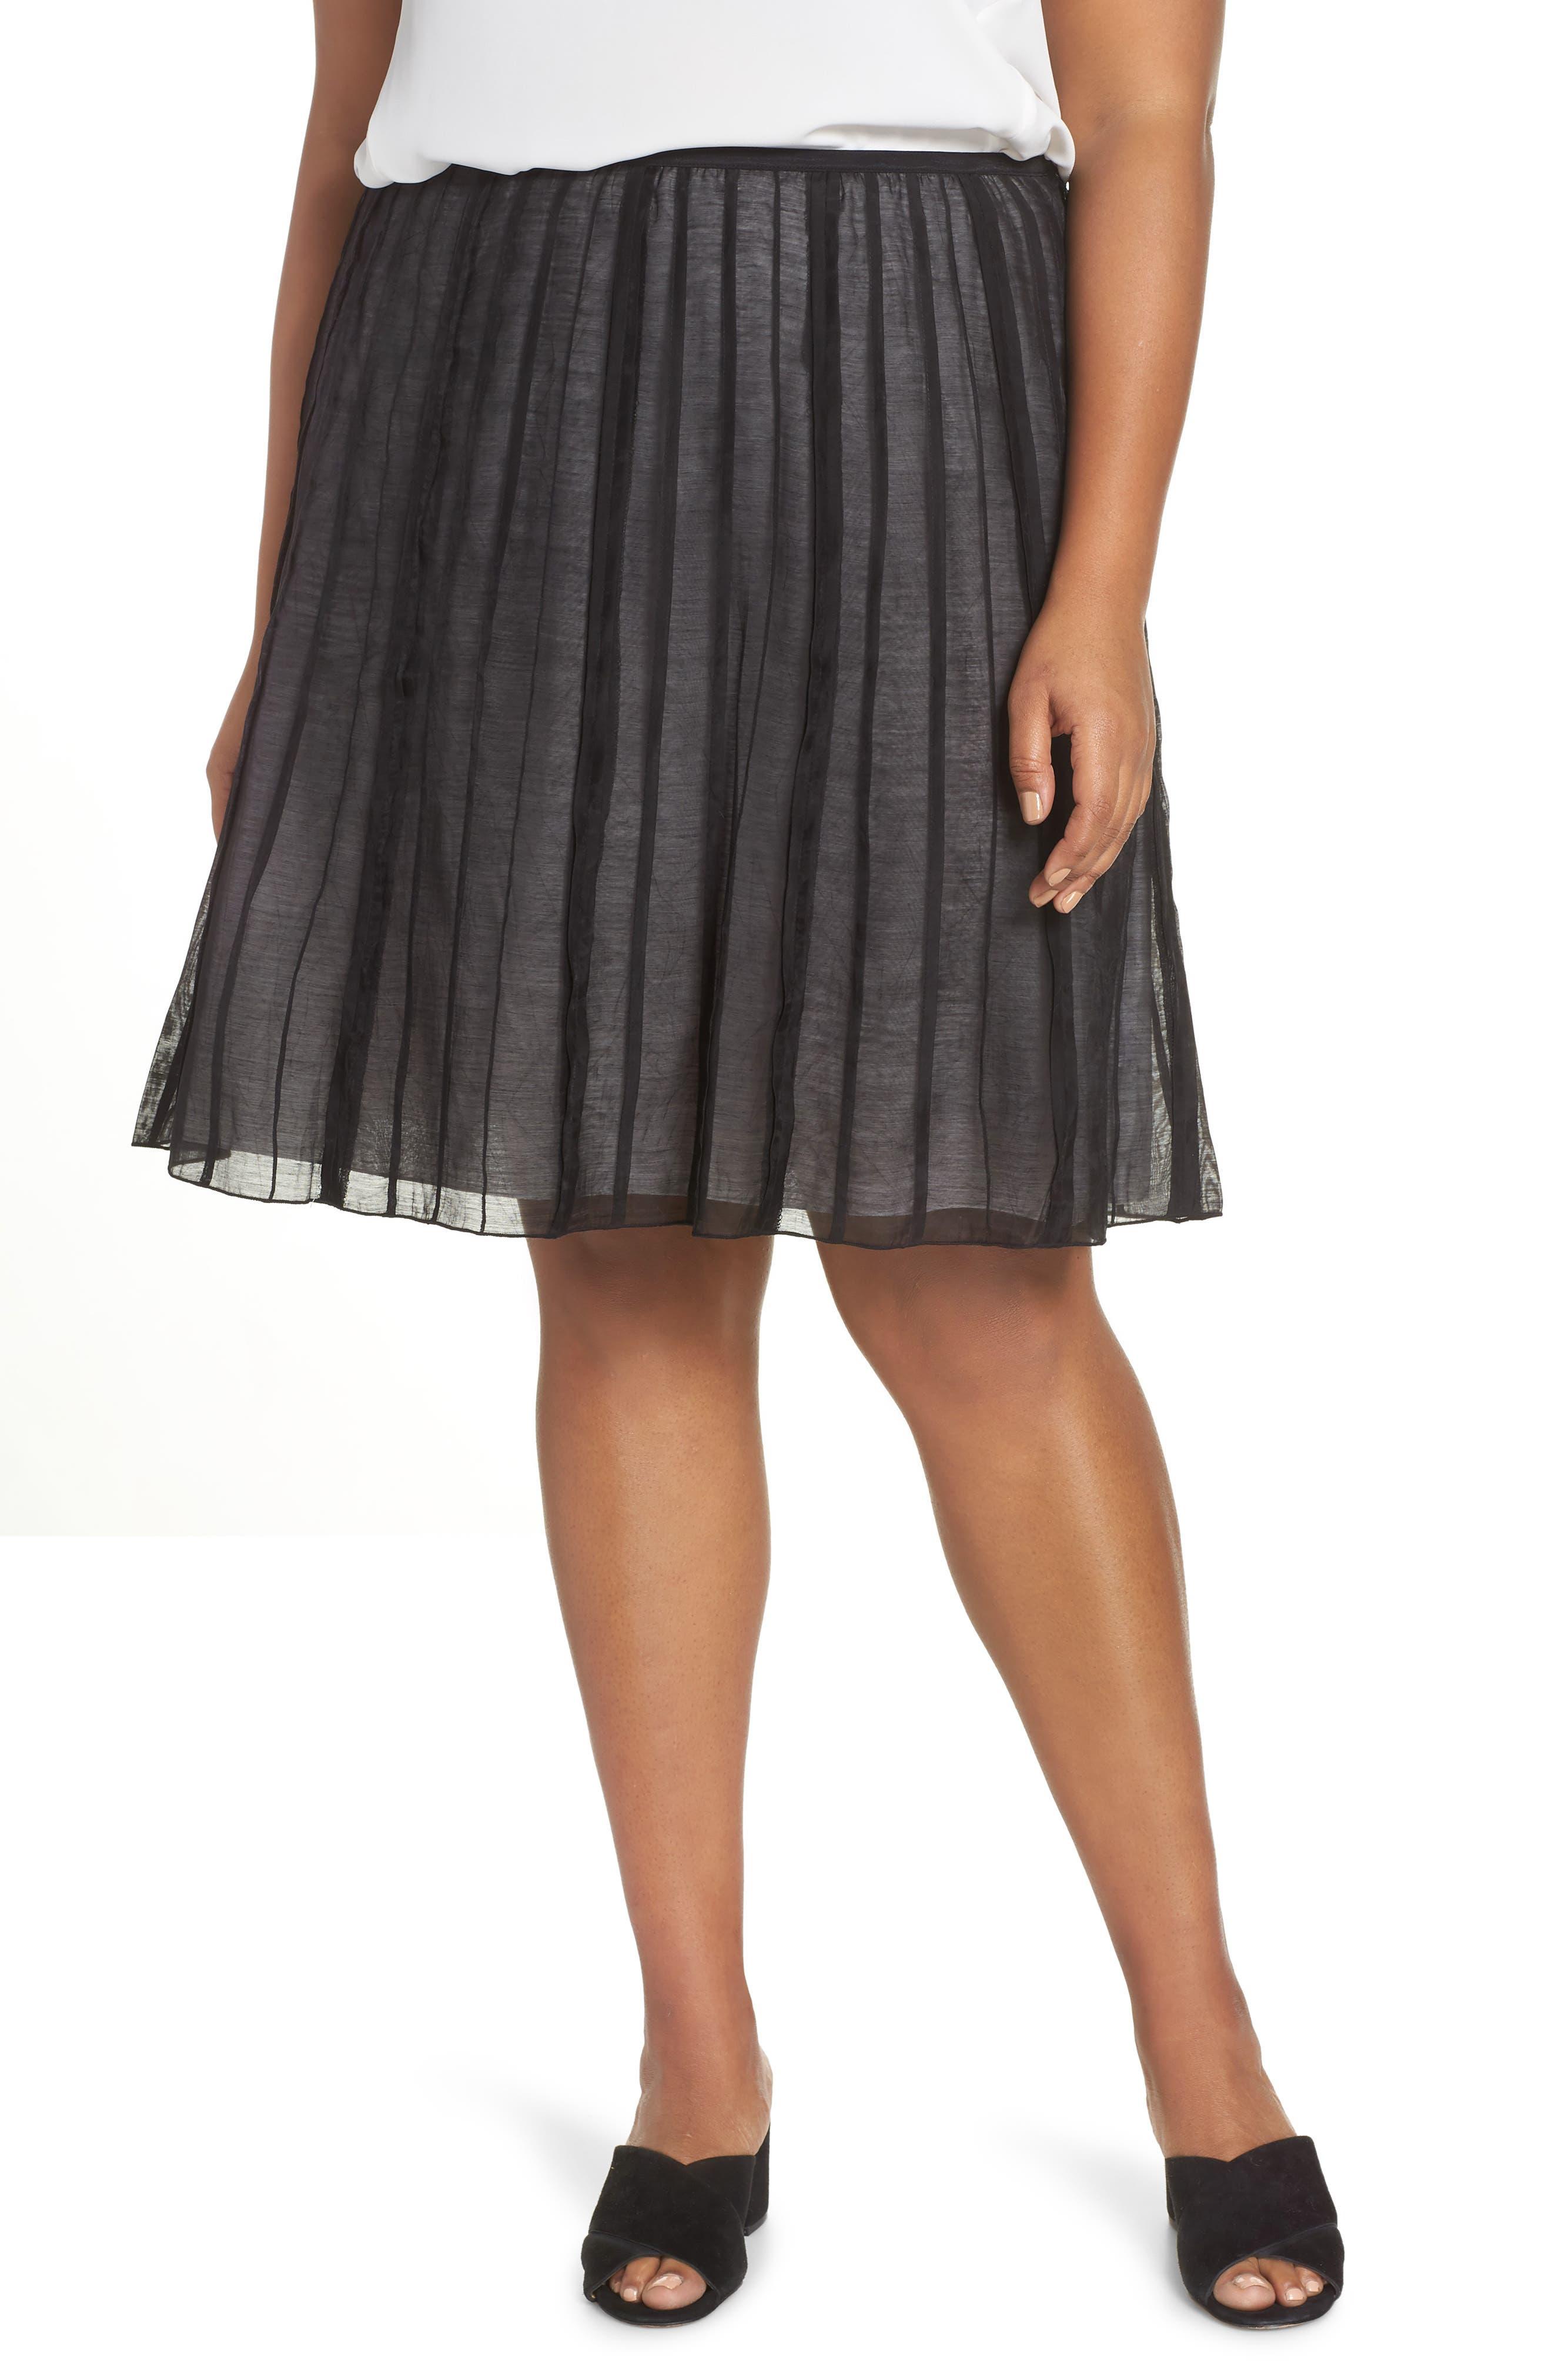 Batiste Flirt Skirt,                             Main thumbnail 1, color,                             BLACK ONYX